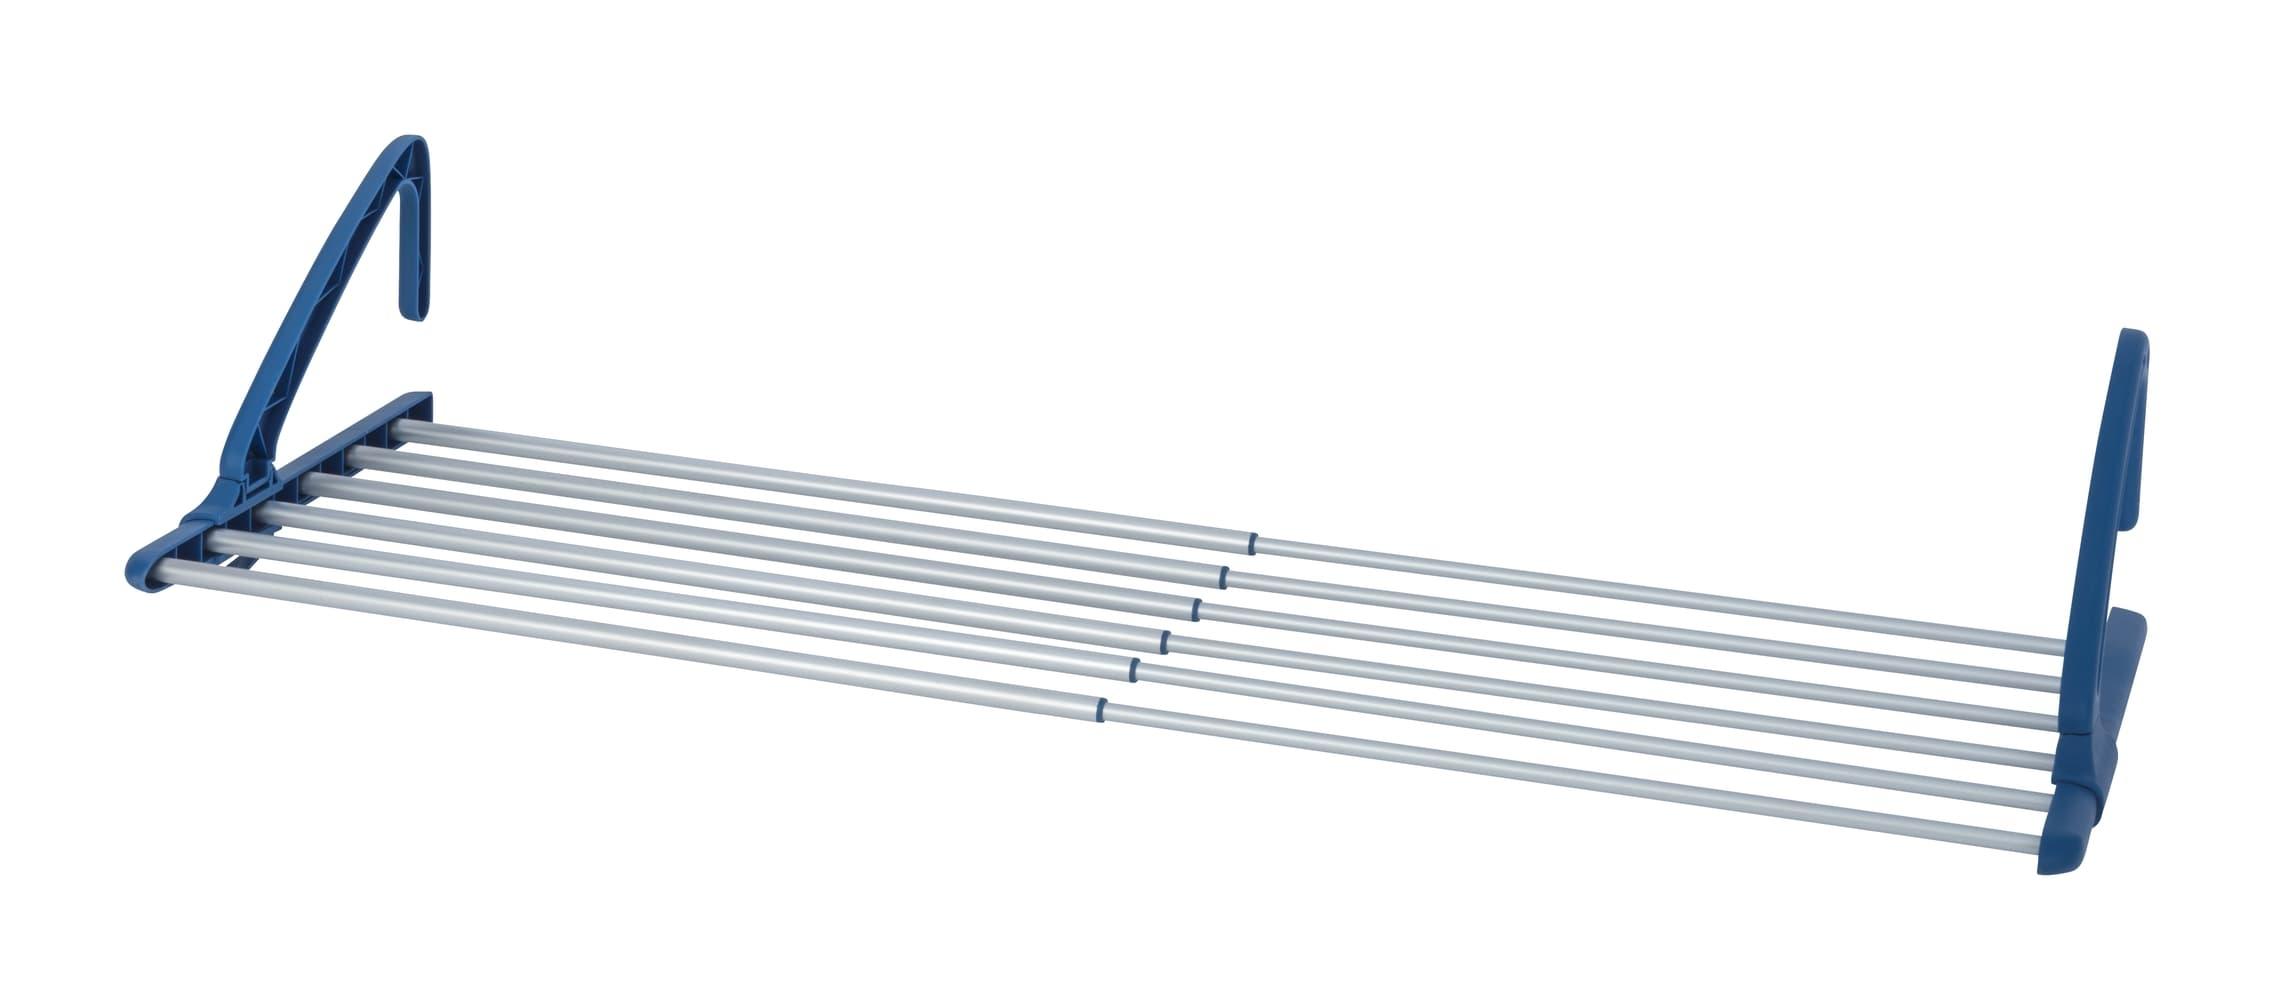 Uscator rufe extensibil pentru balcon, cadru din aluminiu, Balcony Extend Crom / Albastru, 6 m imagine